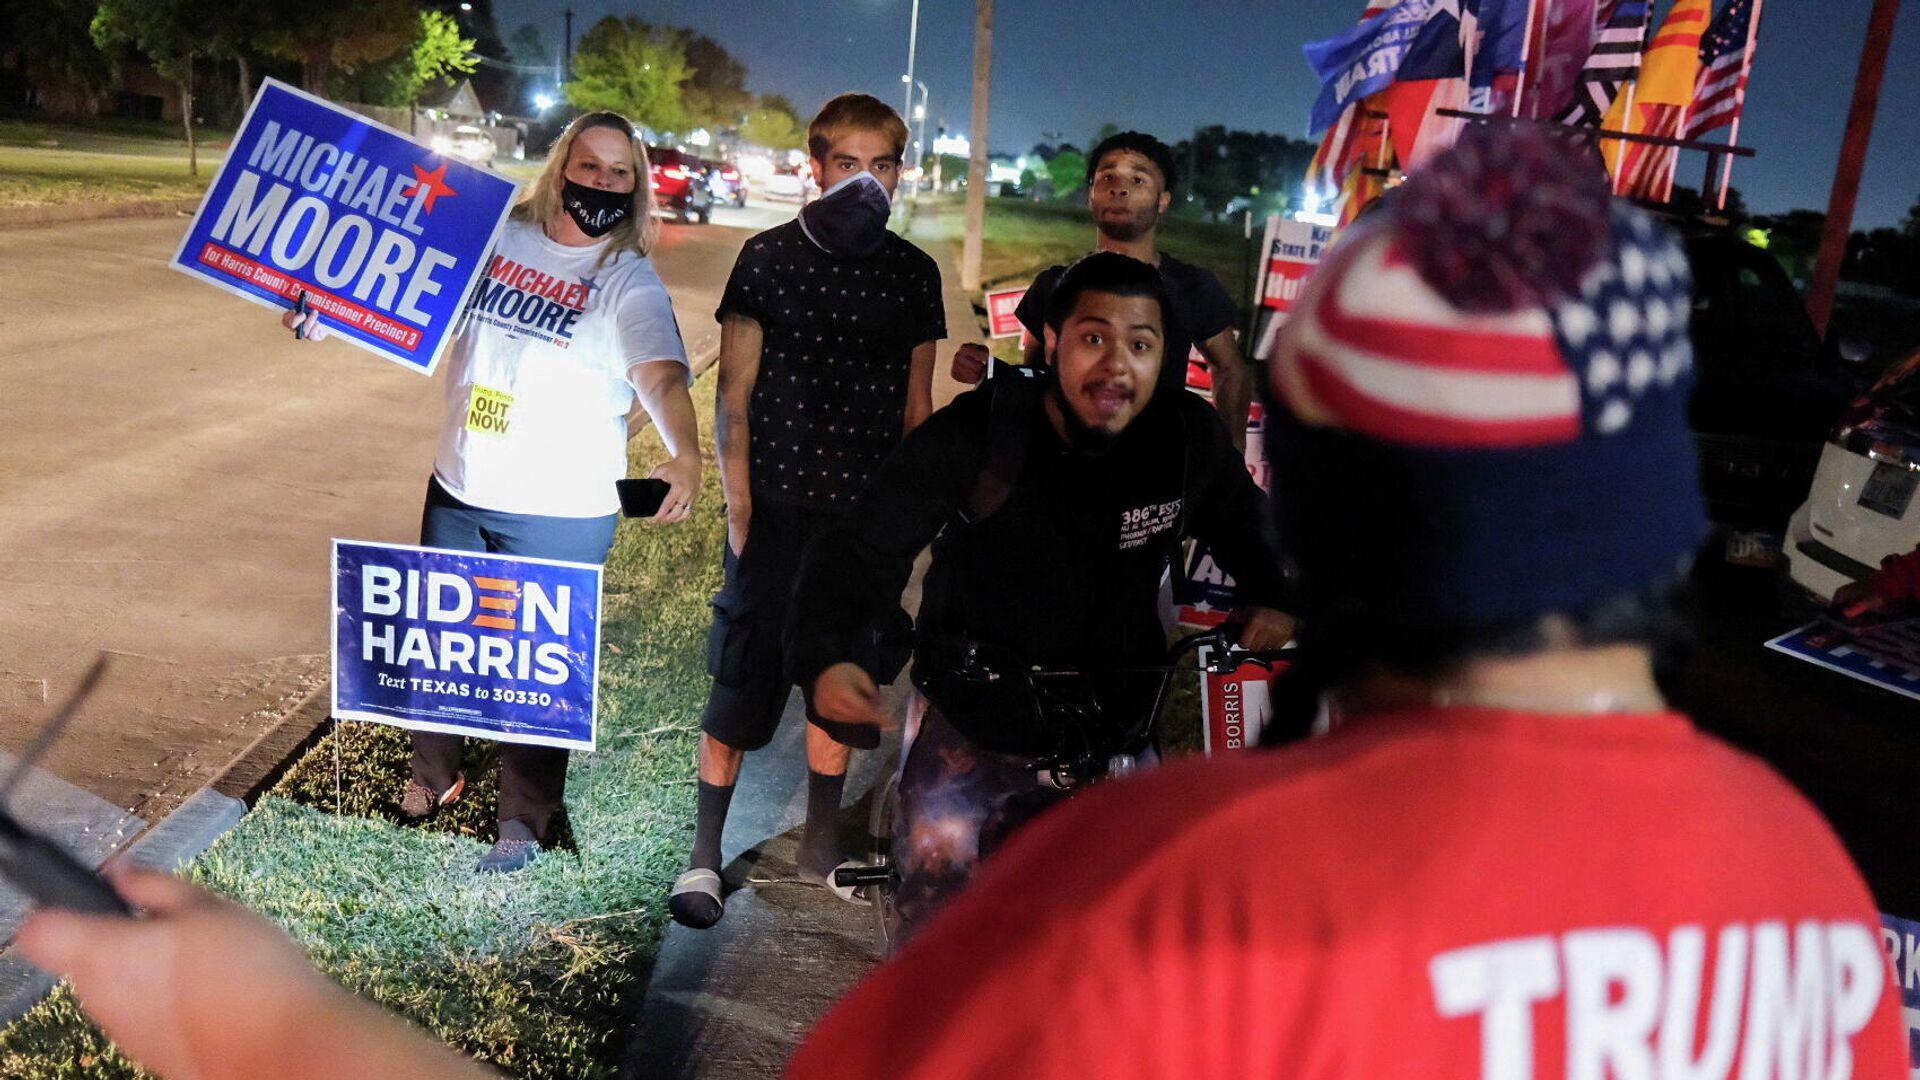 Сторонники Джо Байдена сталкиваются со сторонниками Трампа на избирательном участке в день выборов в Хьюстоне, штат Техас - РИА Новости, 1920, 05.11.2020